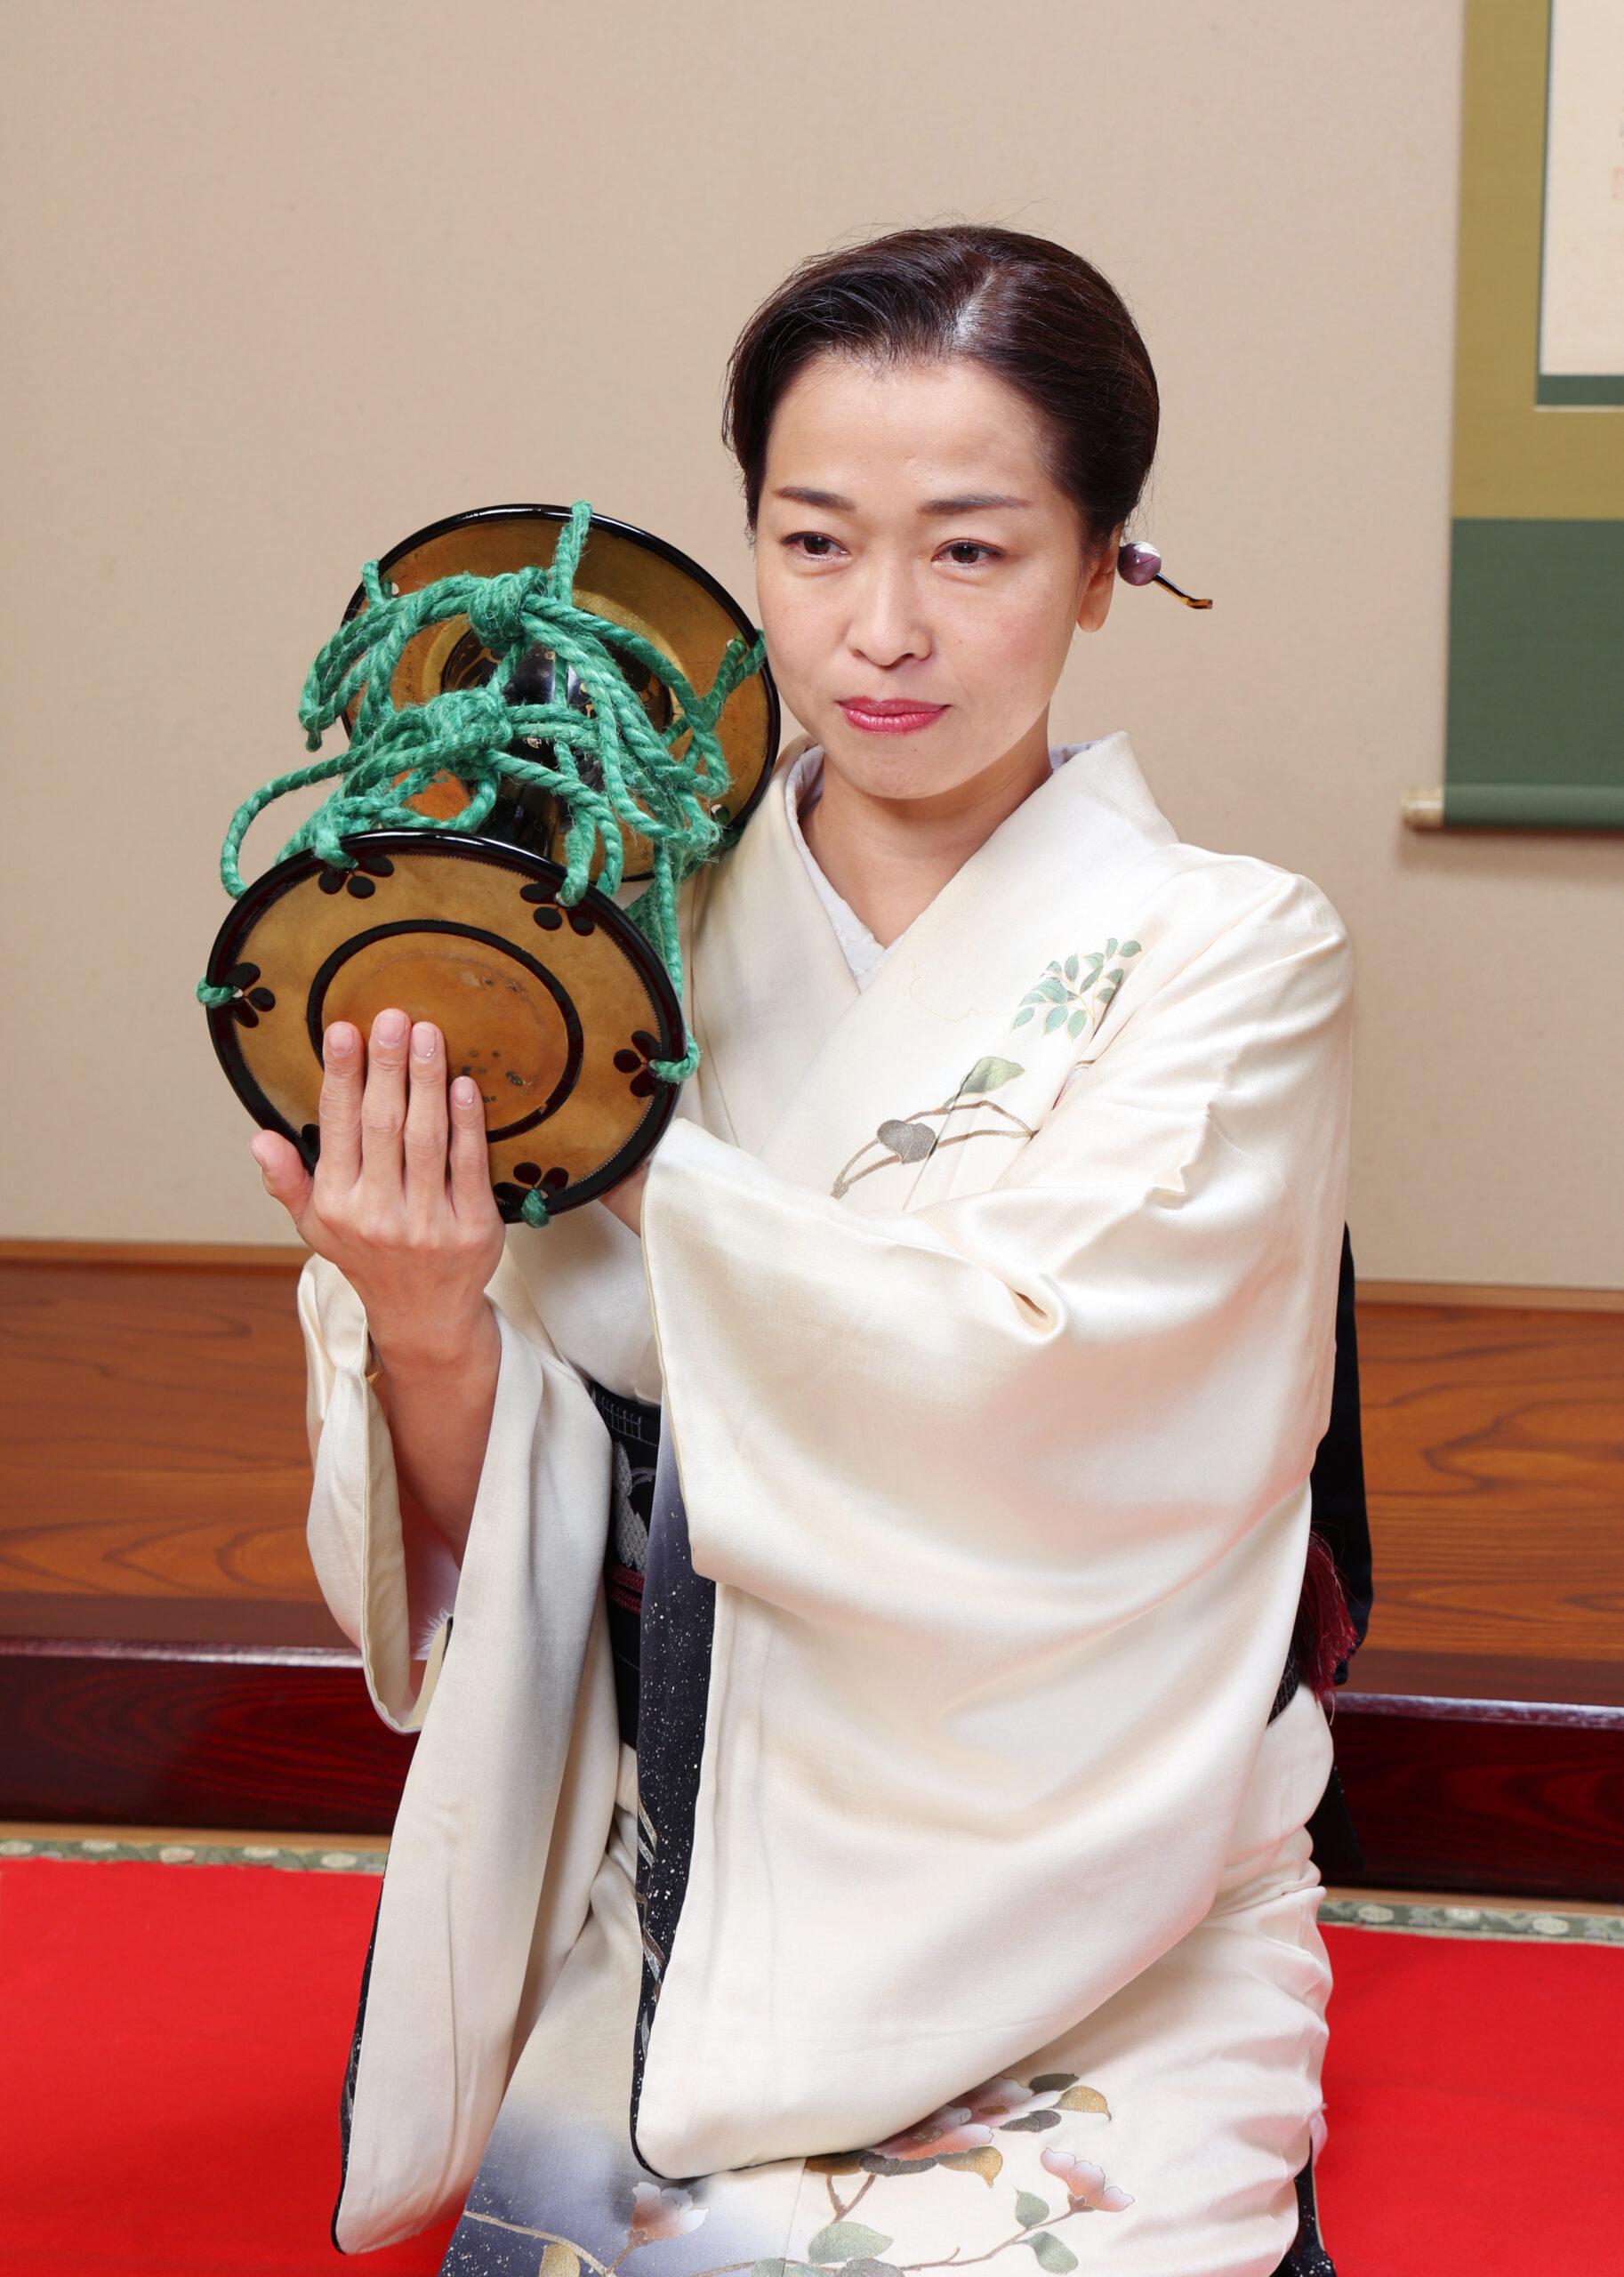 安城芸妓組合 安城芸妓文化振興会 笑美会(えびすかい)  安城芸者.芸子.芸姑.接待・お遊びのお座敷を伝統文化のお遊びで盛り上げます。